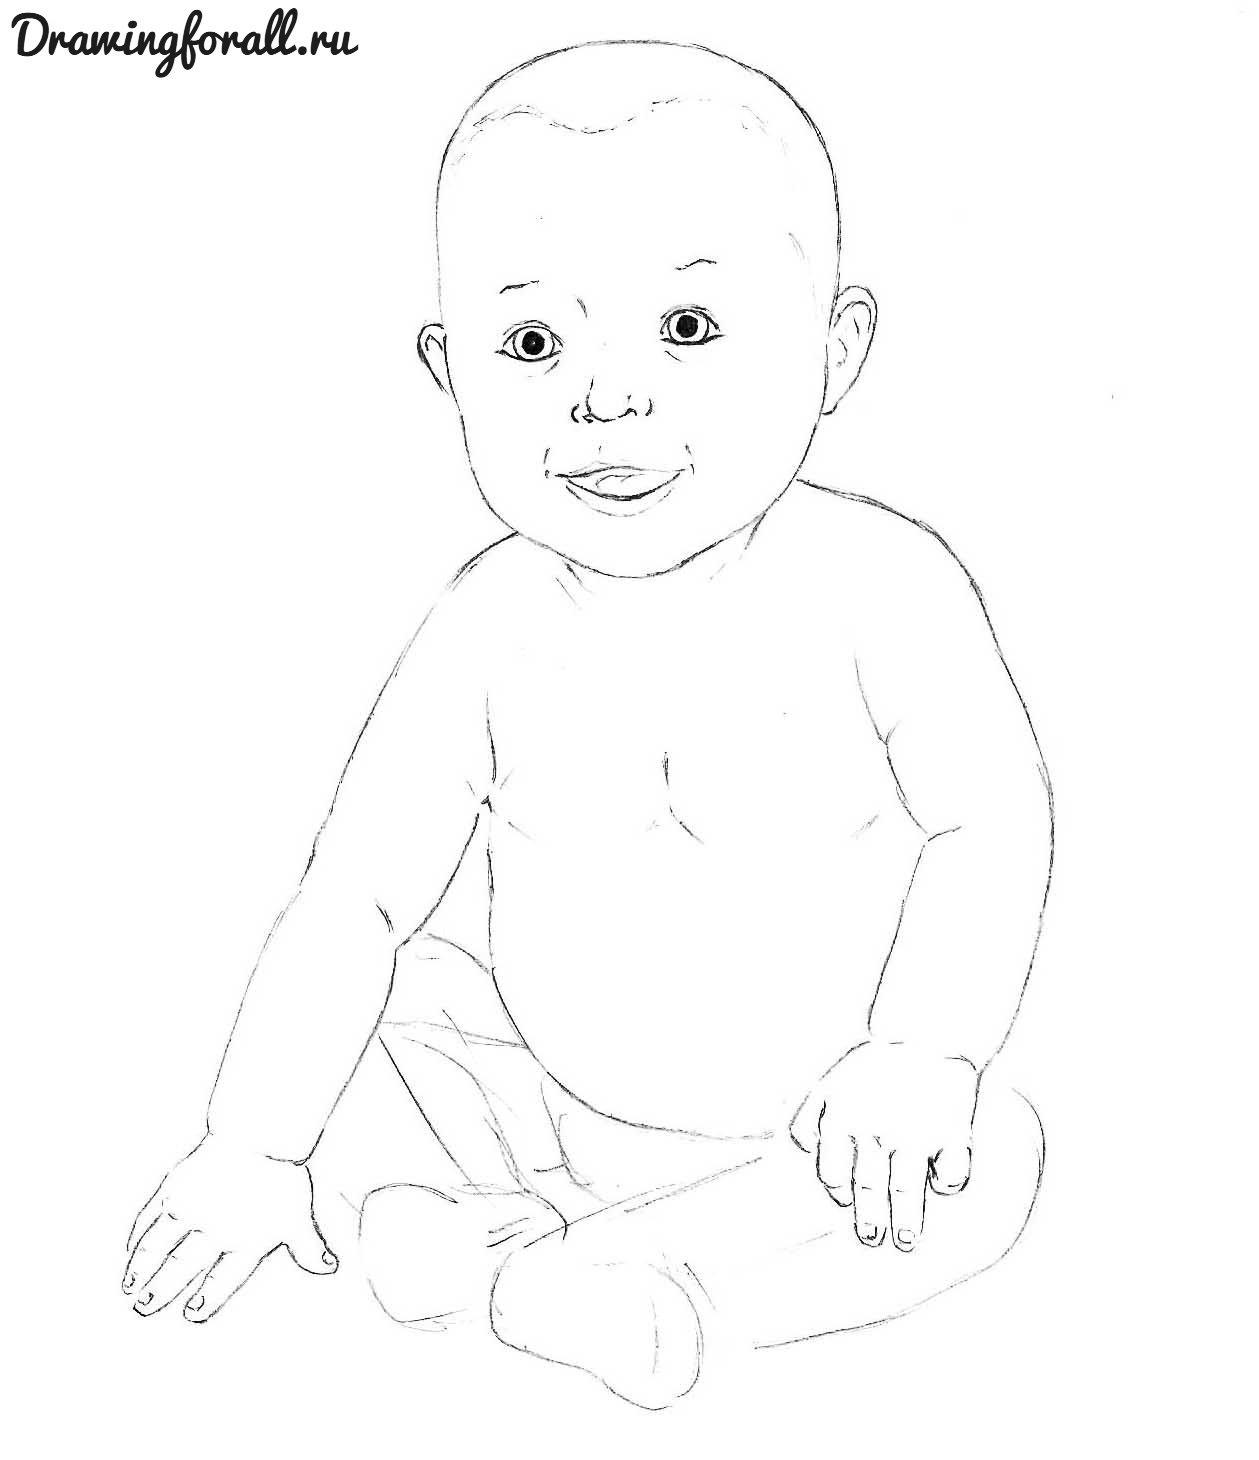 Рисовать карандашом для ребенка